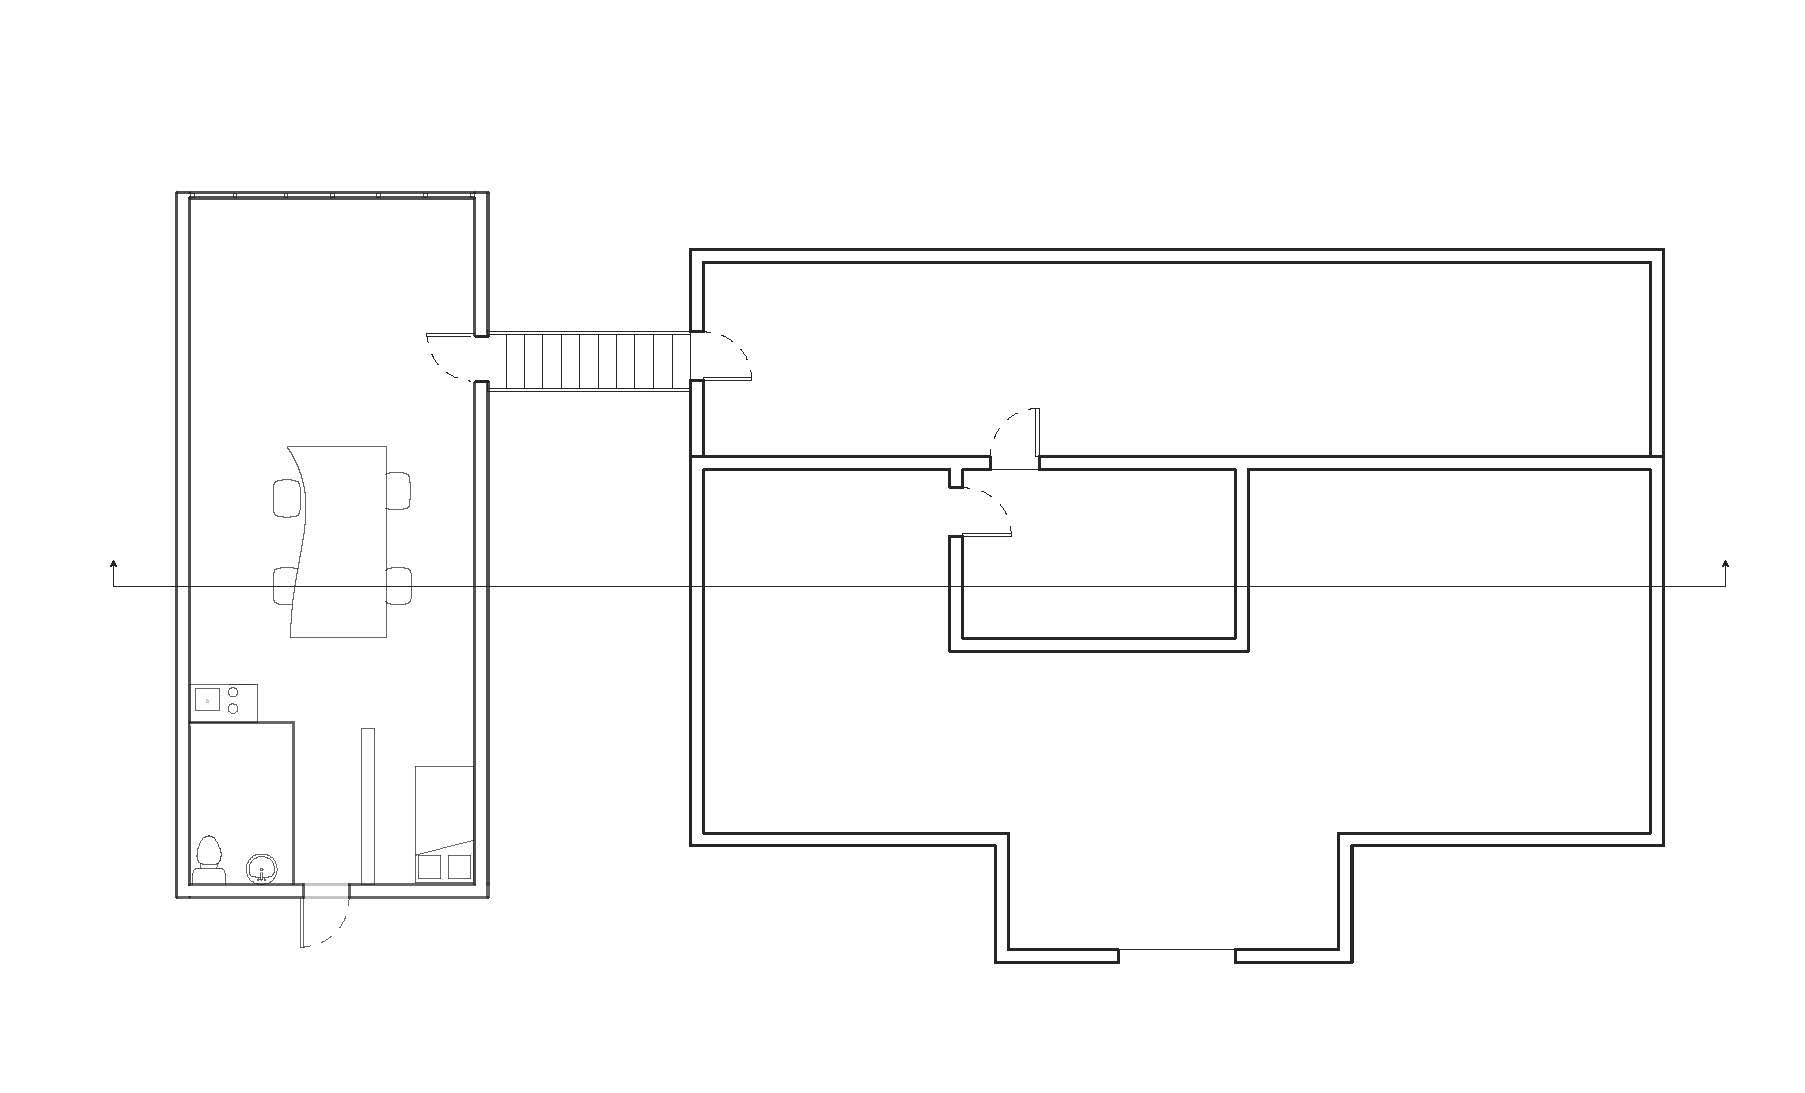 Gallery Exhibition Floor Plan